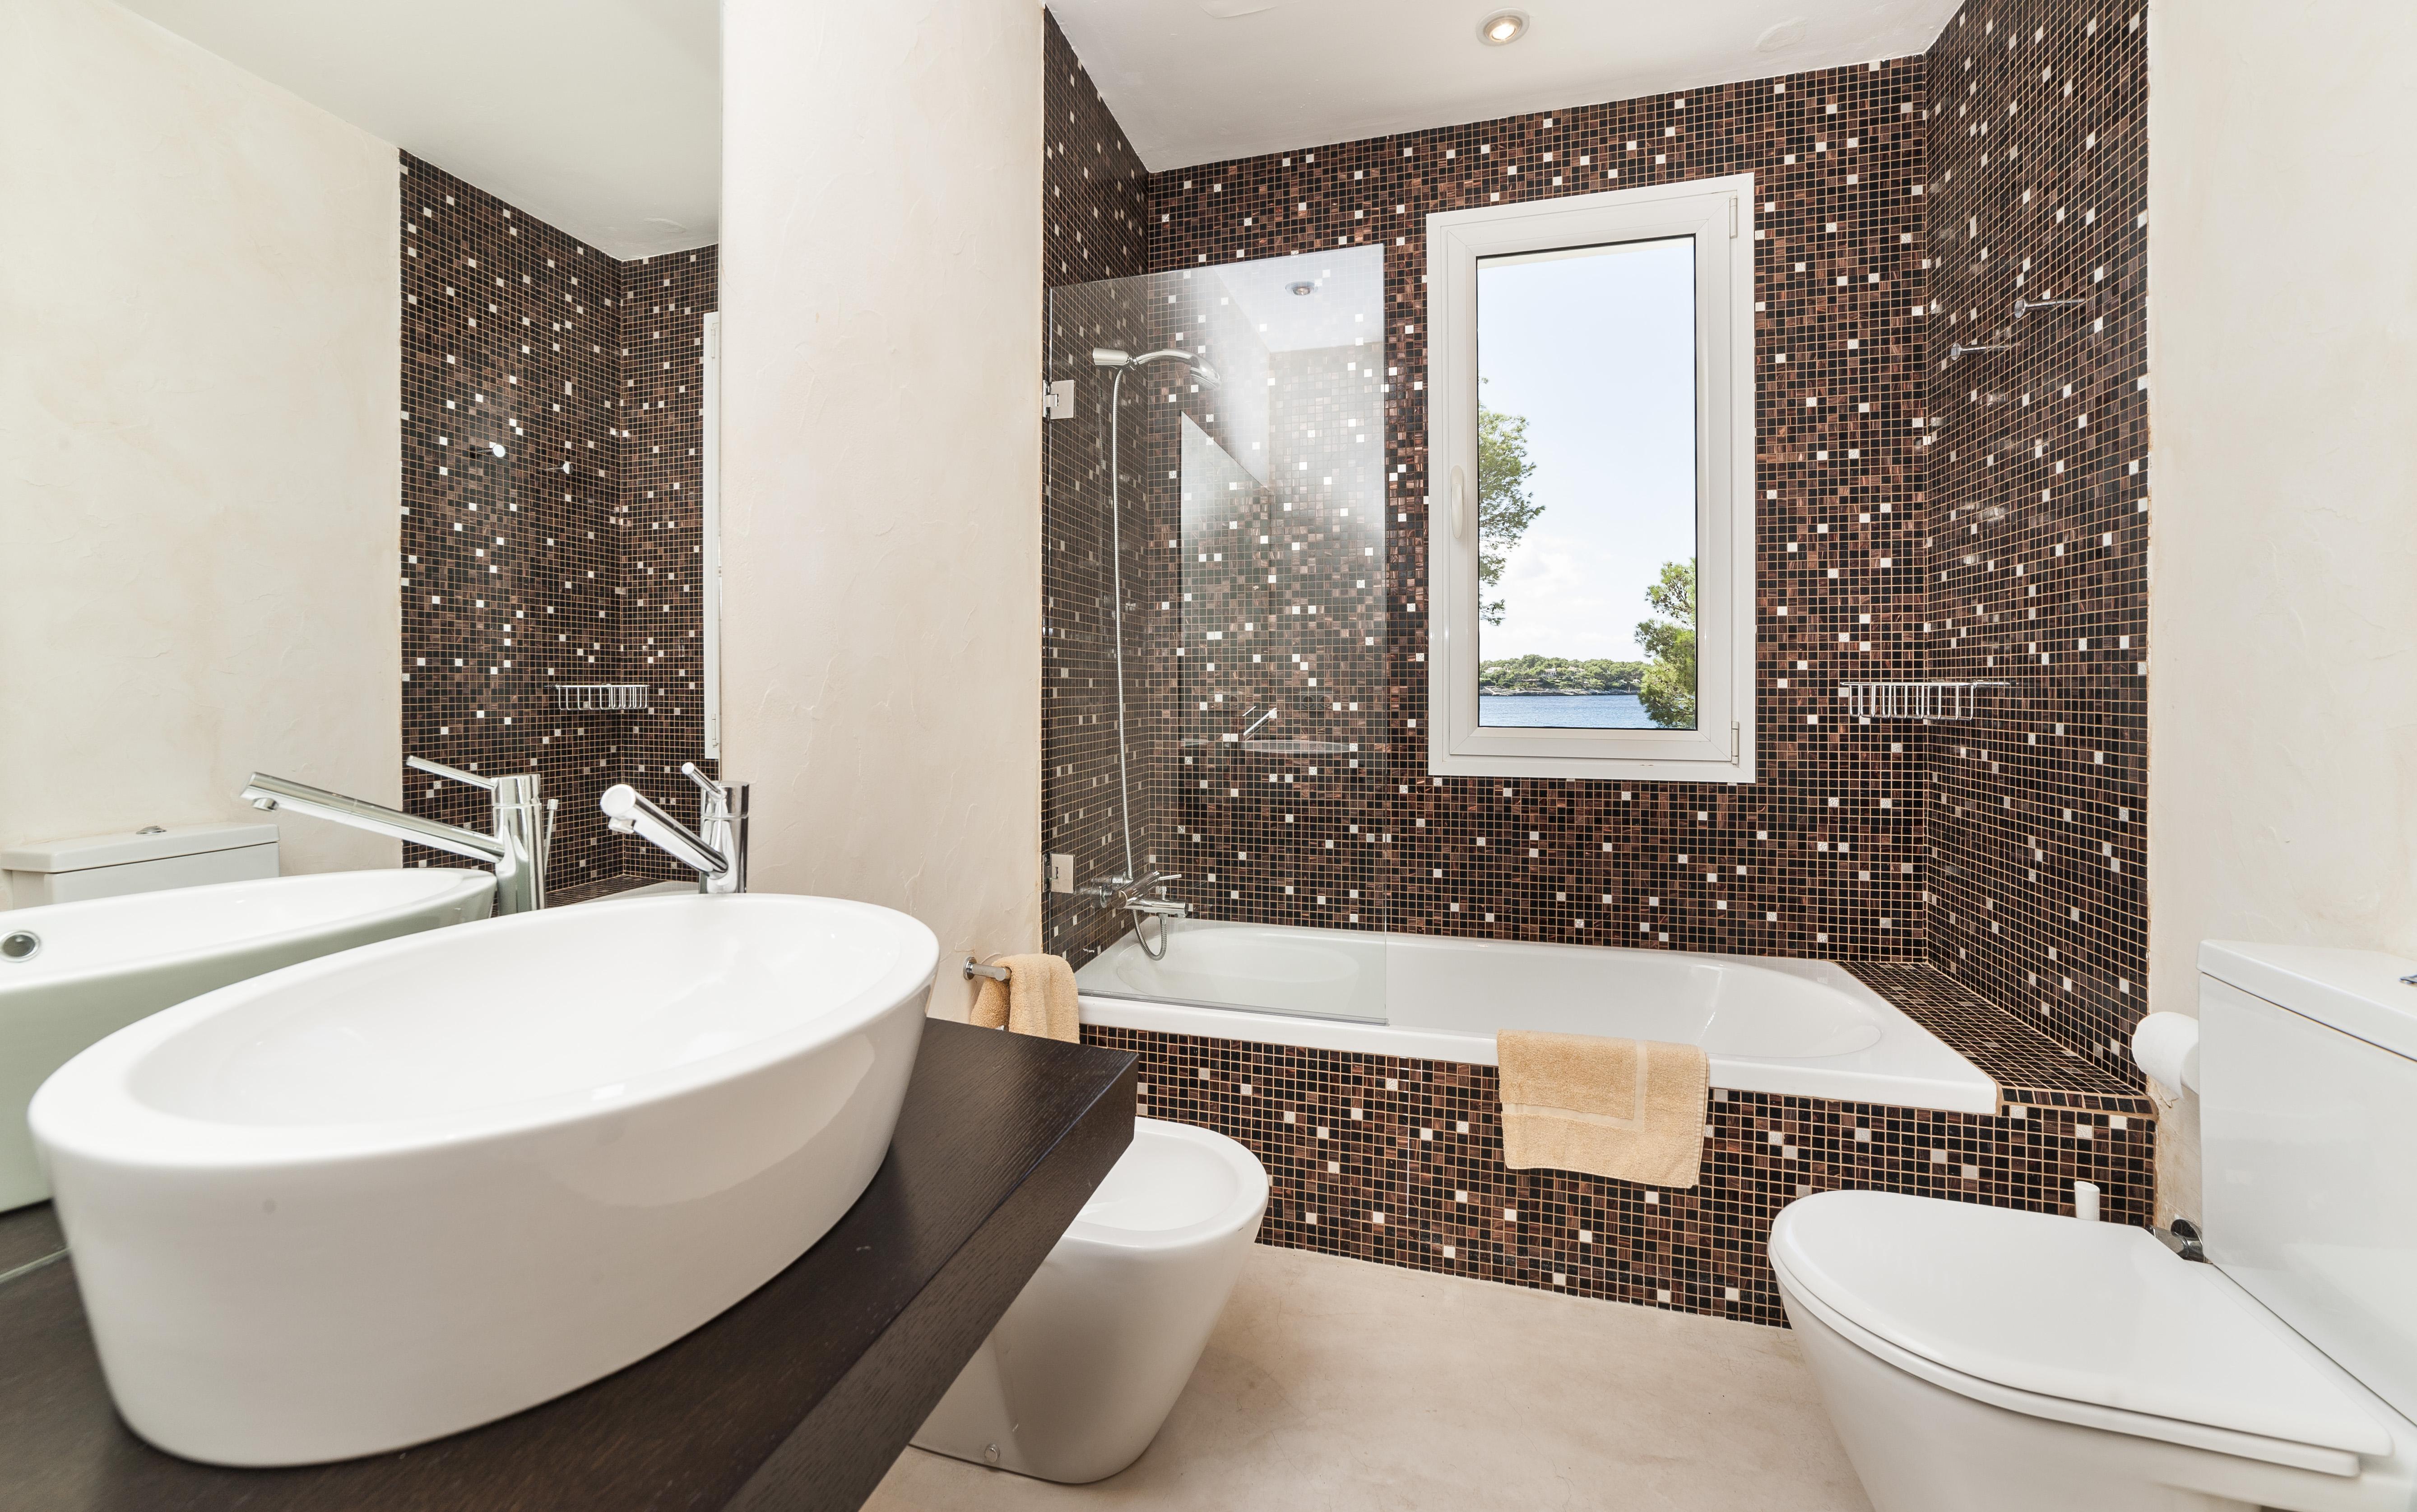 luxury-bathroom-suite-can-mondrago